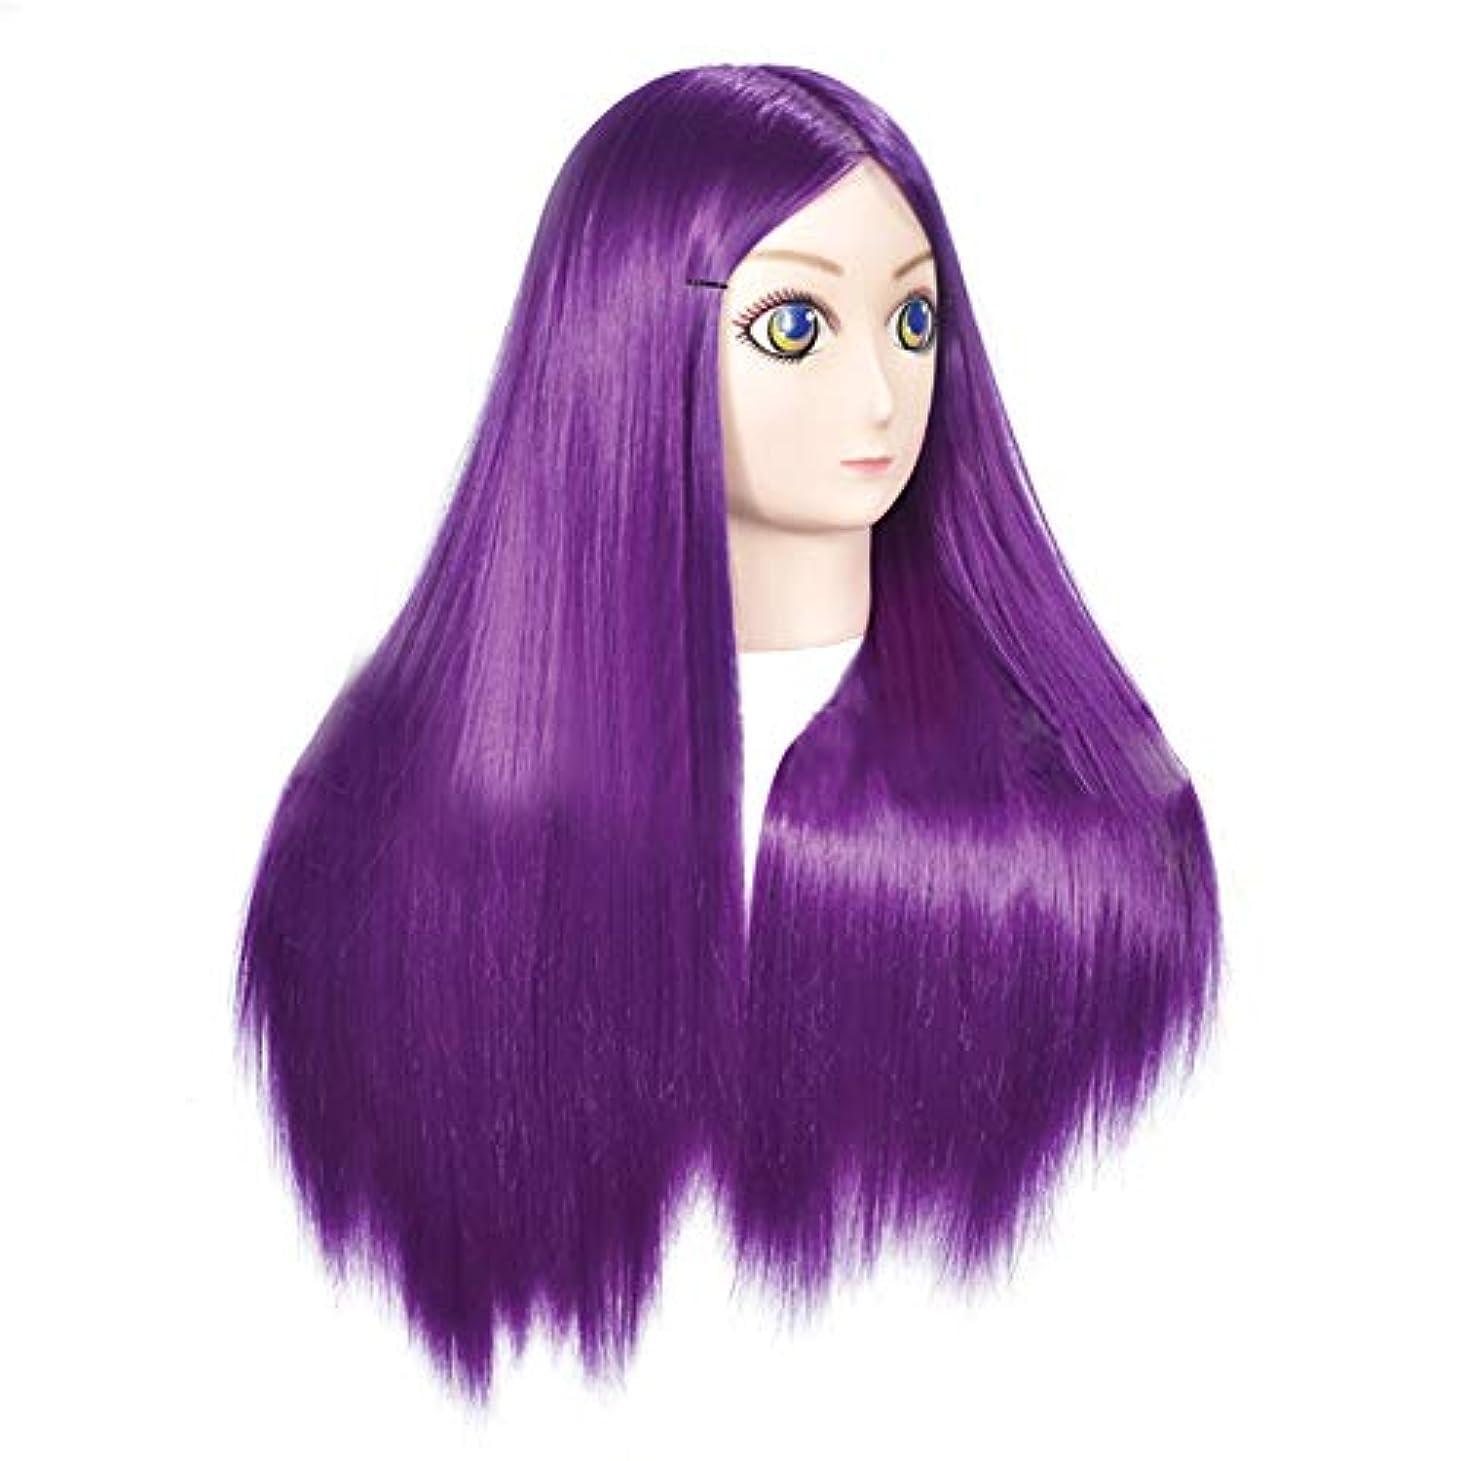 に対処する飛躍花輪高温シルクヘアスタイリングモデルヘッド女性モデルヘッドティーチングヘッド理髪店編組髪染め学習ダミーヘッド